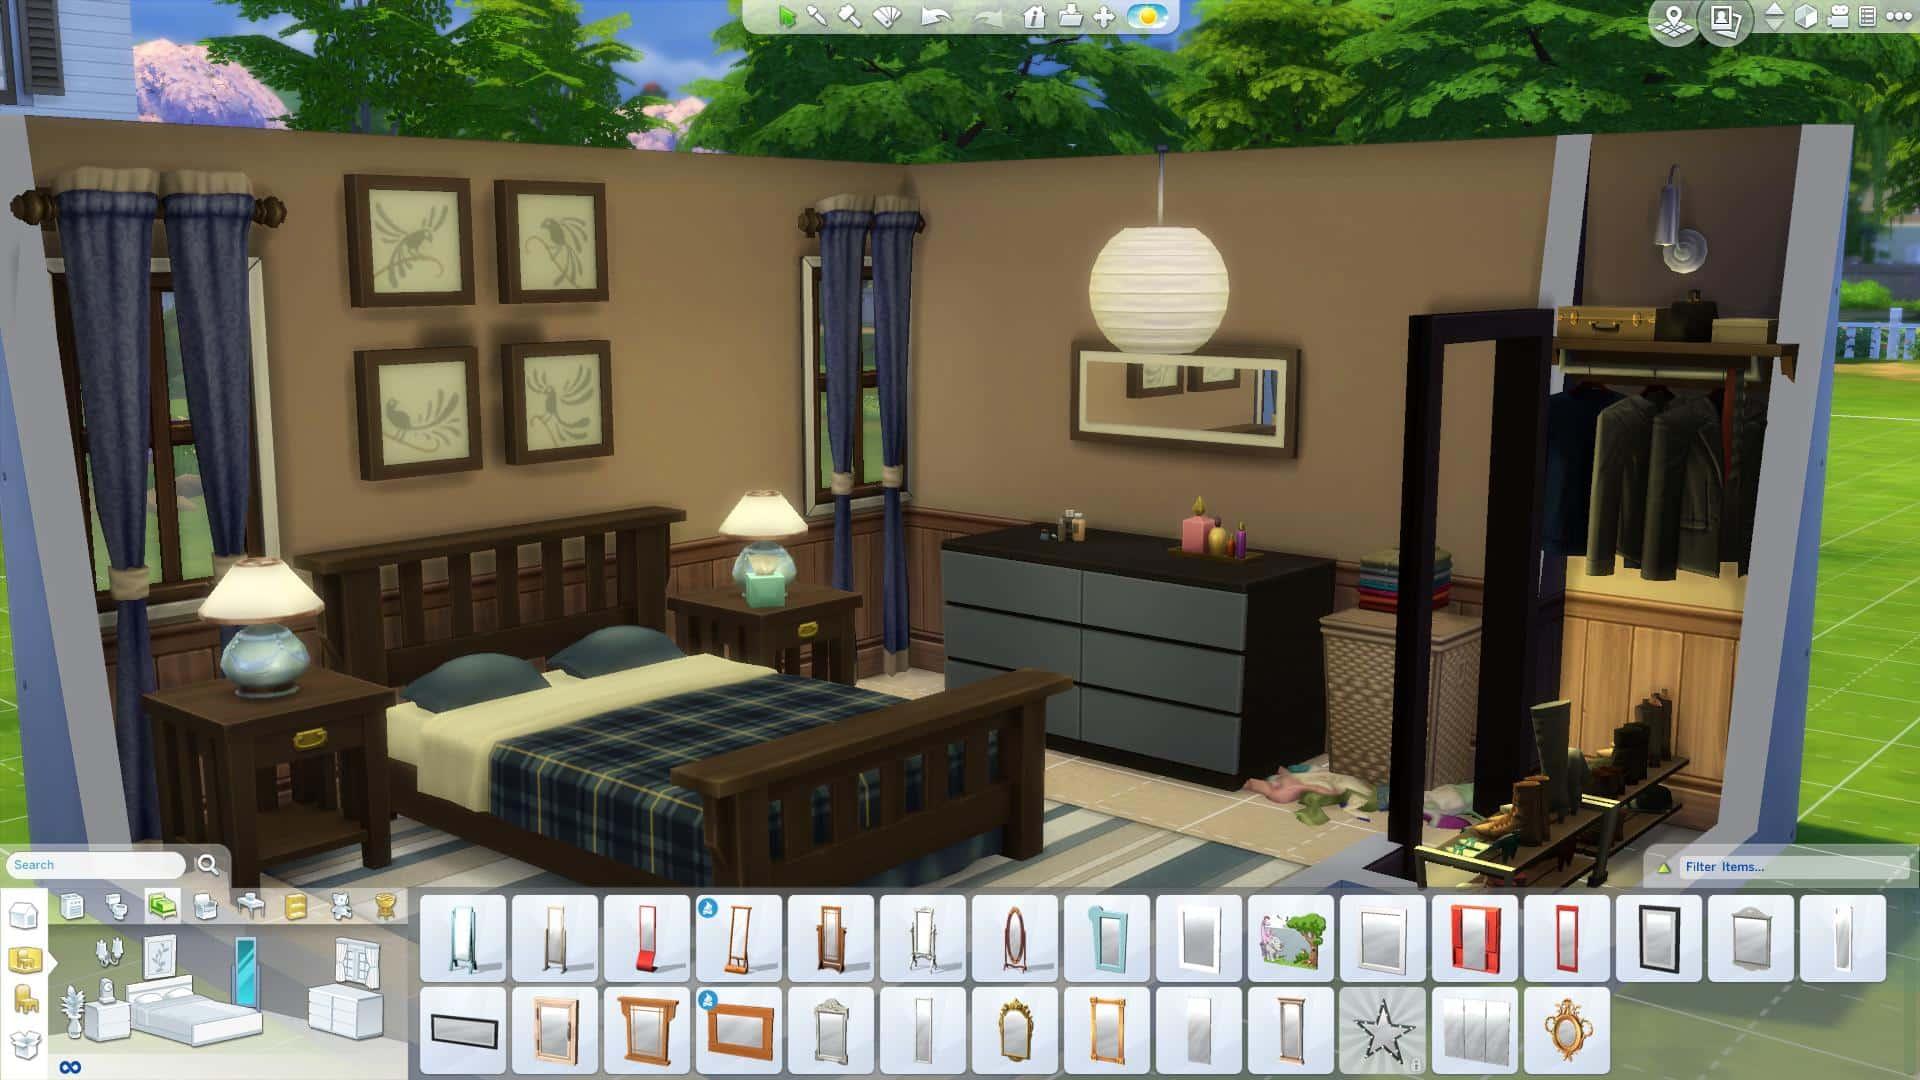 Get Home Design Ideas: The Sims 4: Interior Design Guide